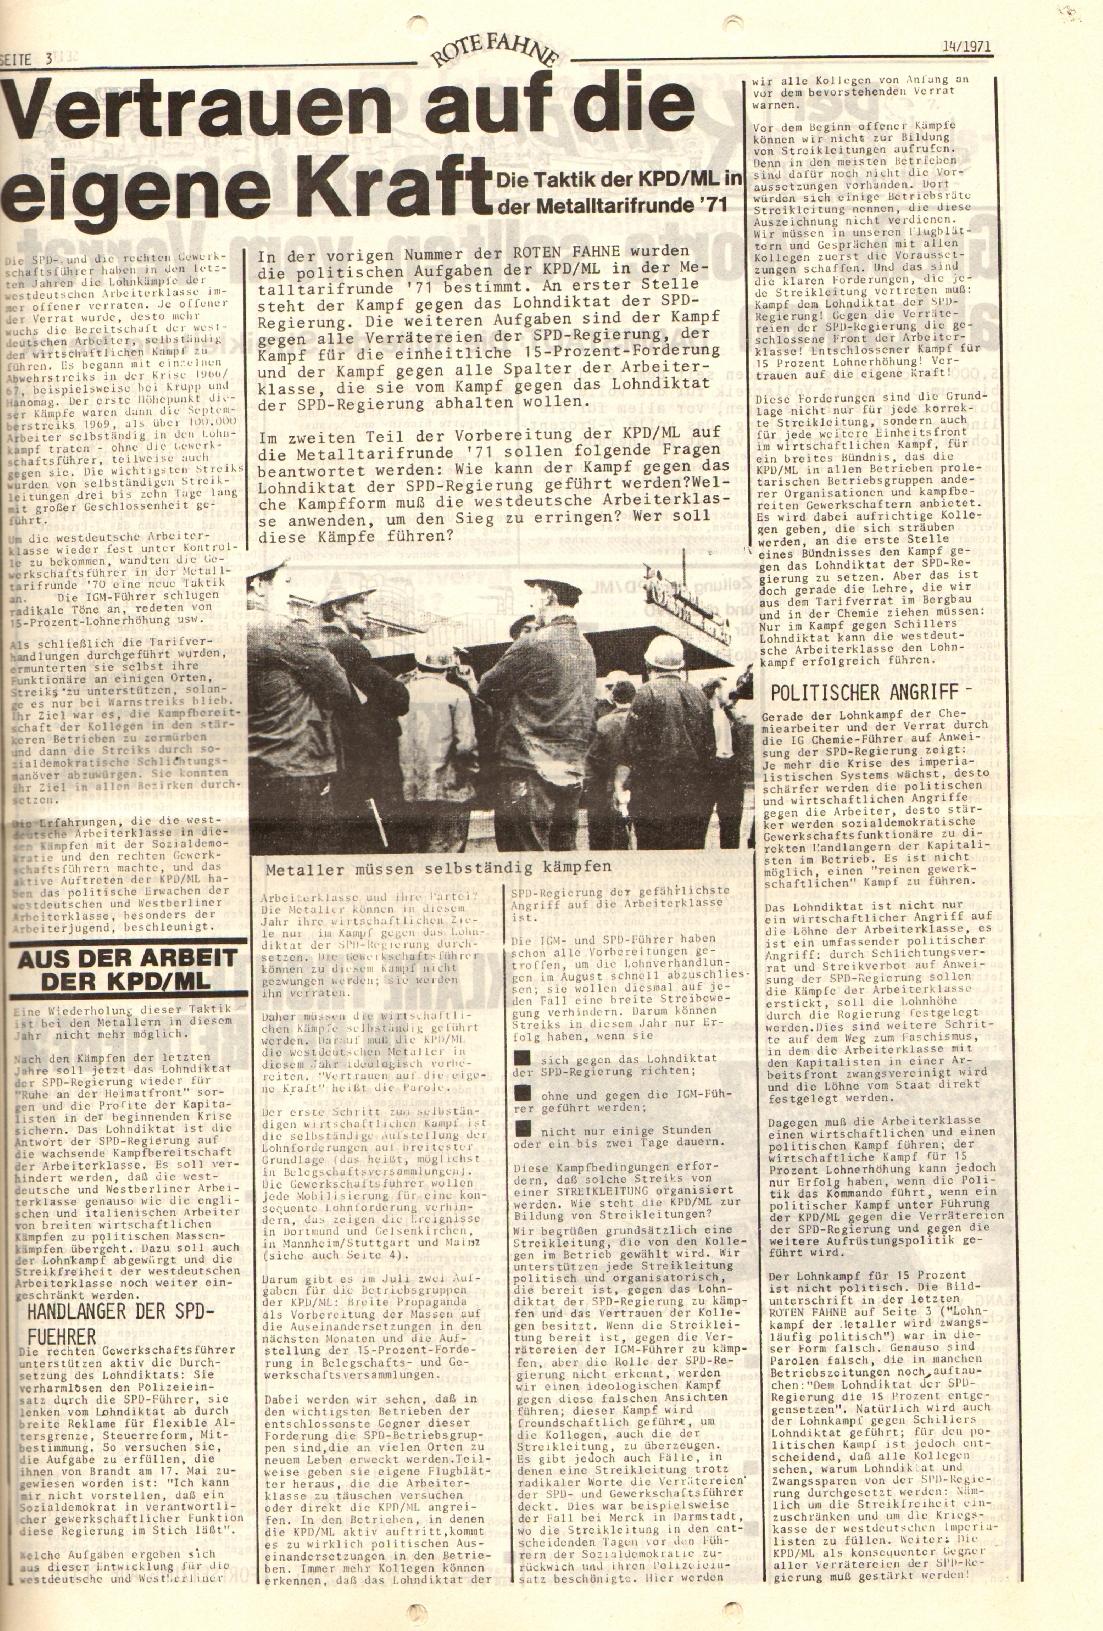 Rote Fahne, 2. Jg., 19.7.1971, Nr. 14, Seite 3